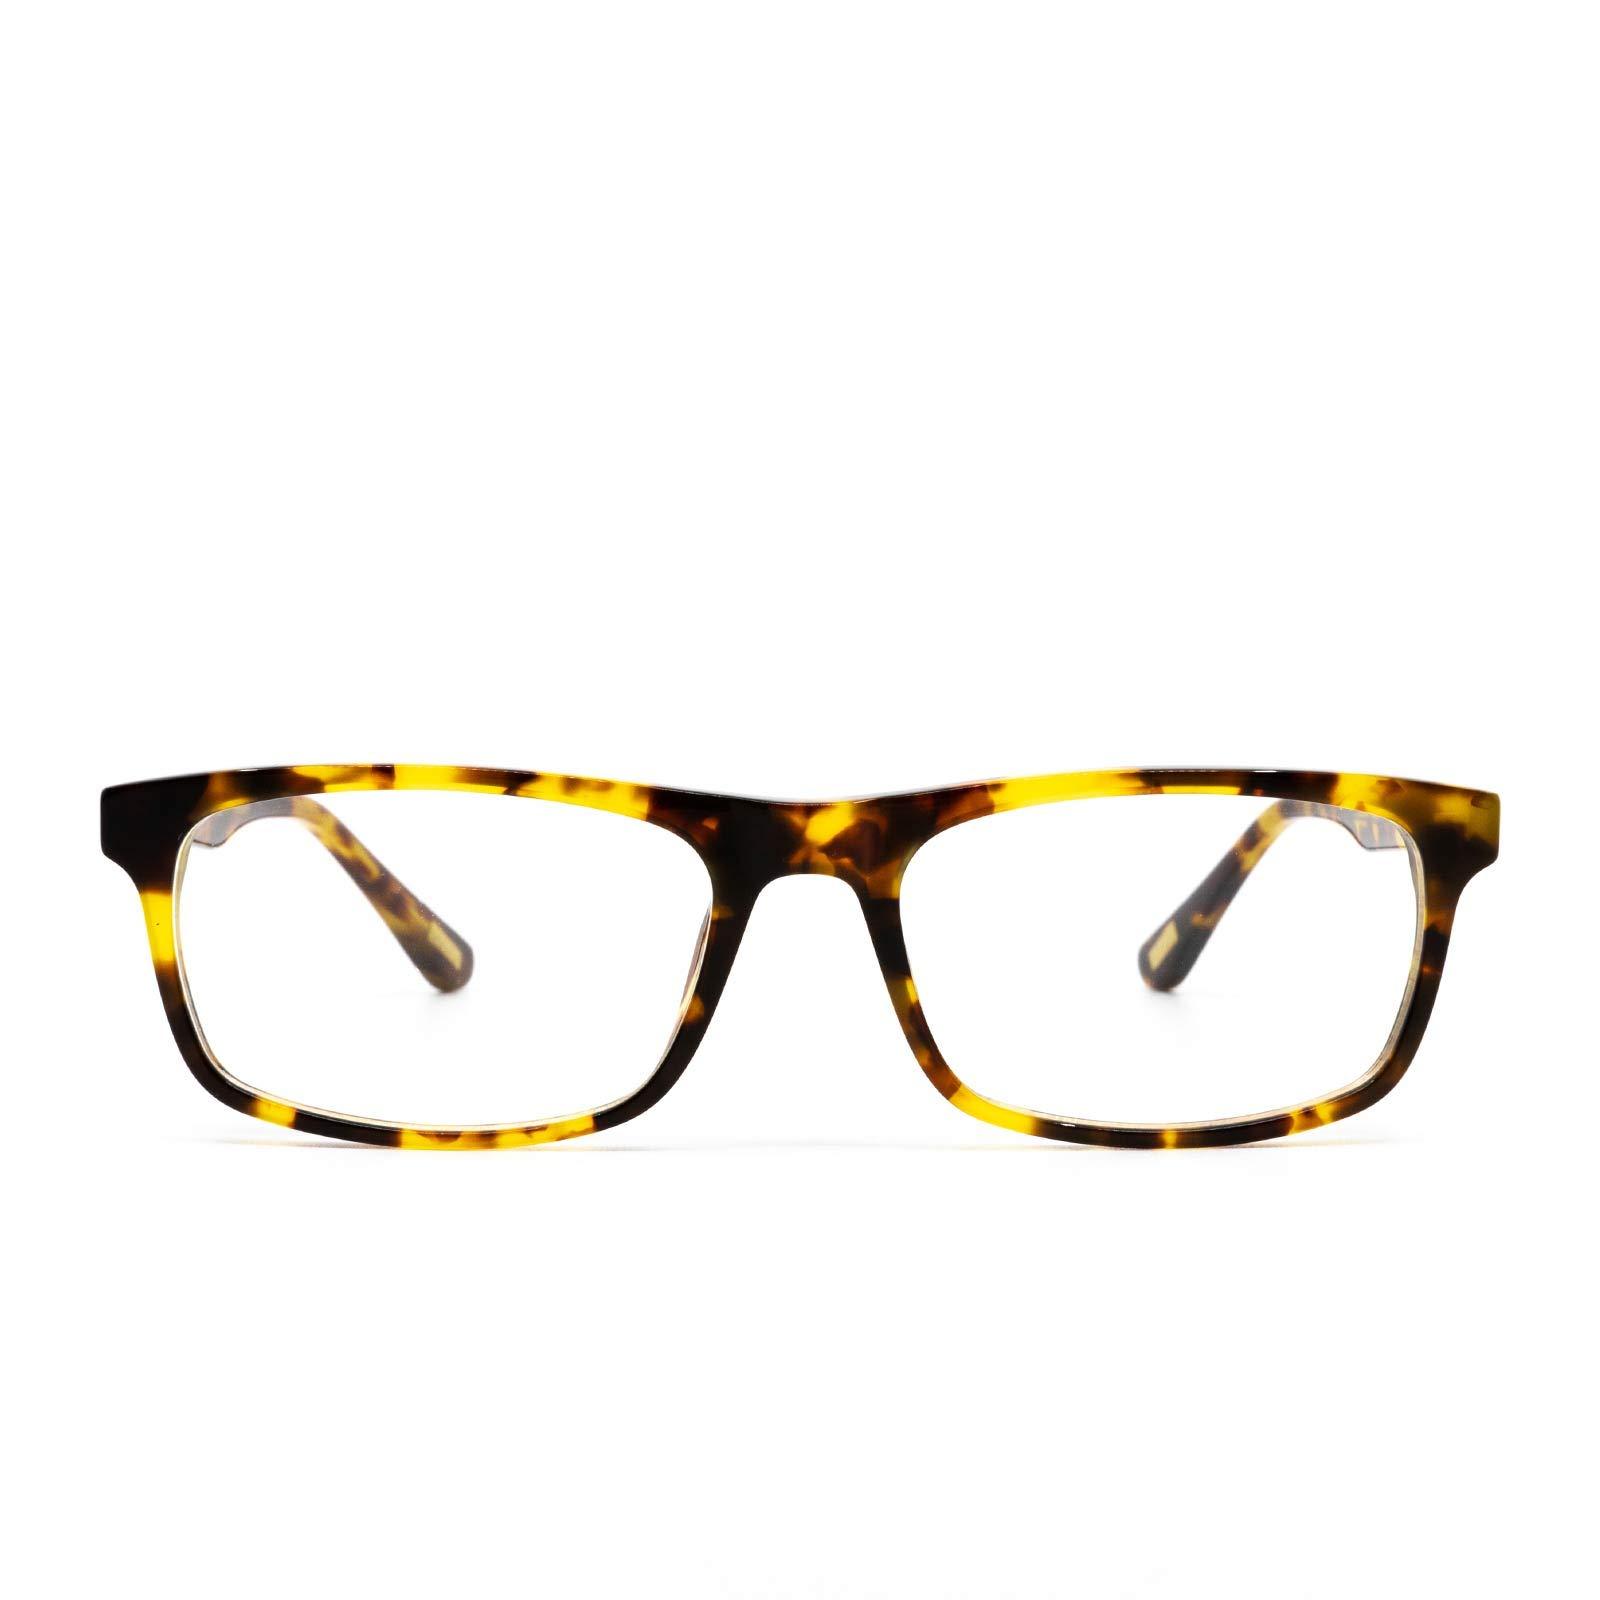 DIFF Charitable Eyewear - Reese - Designer Blue Light Blocking Glasses - HEV Light Diffusing UV400 Prevents Eye Strain Improves Sleep [for Men & Women]